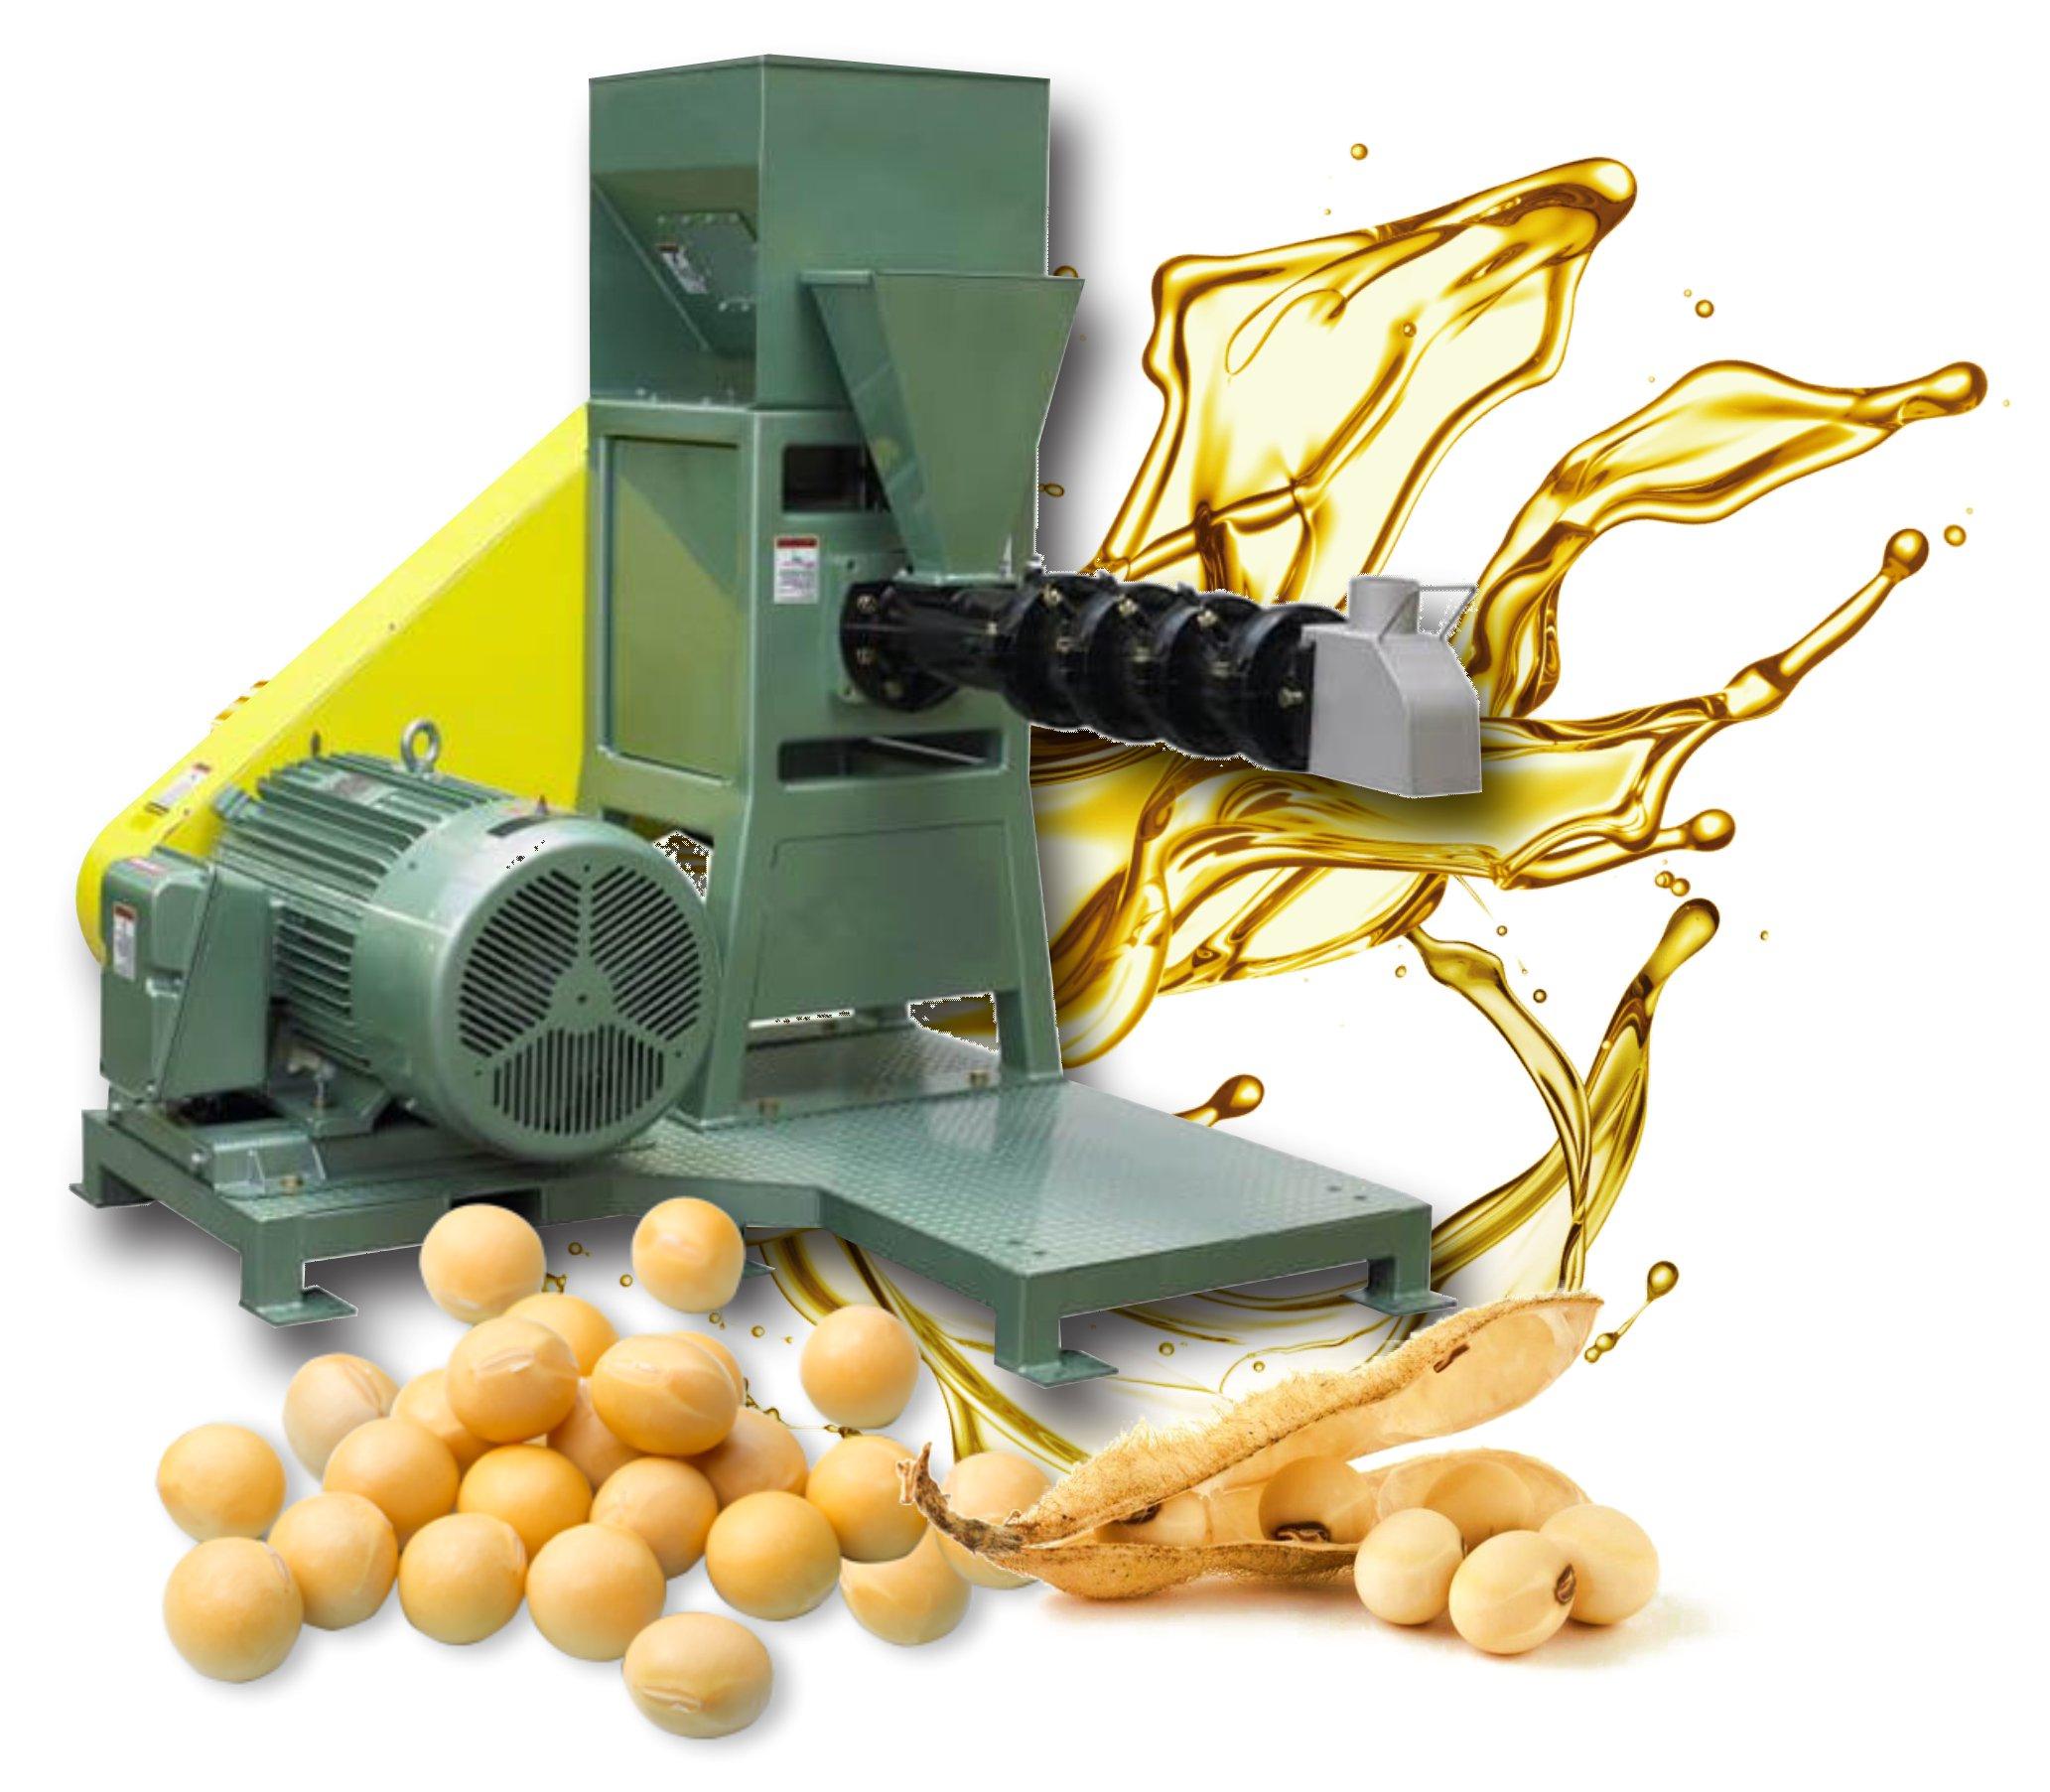 esta es una maquina de extrusión de maiz